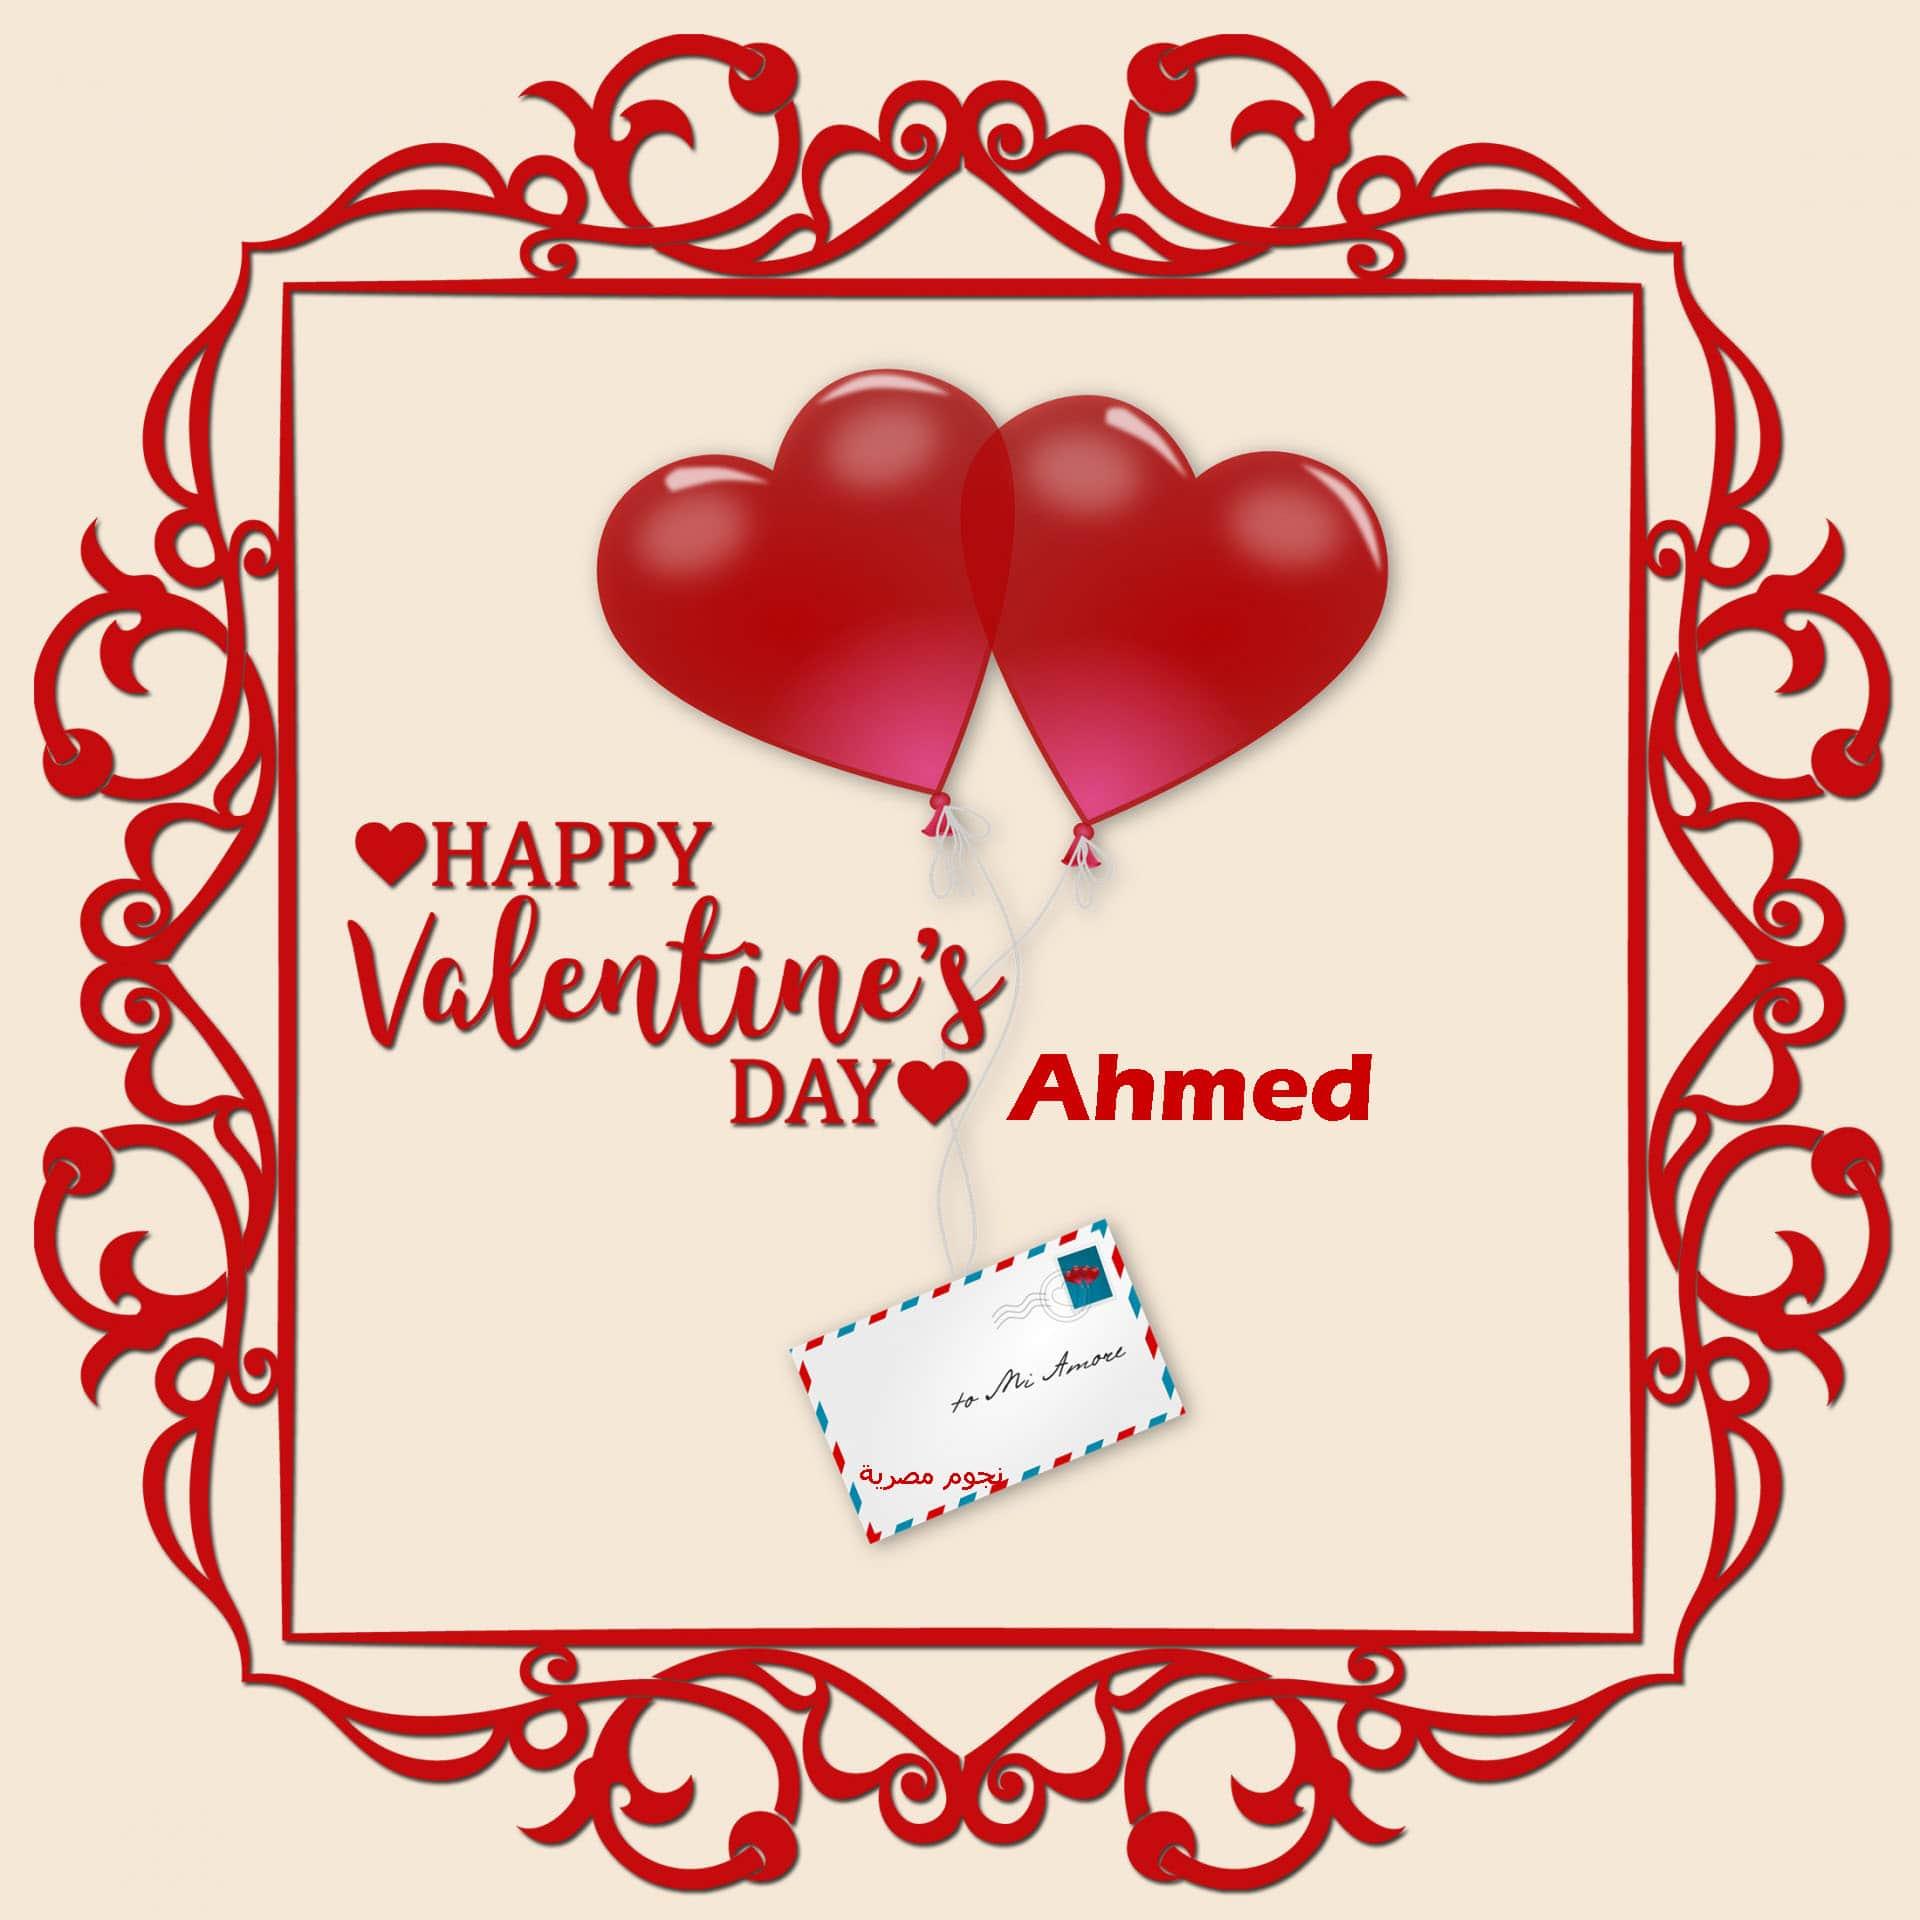 بالصور رسائل عن الحب , صور لعيد الحب 5203 18